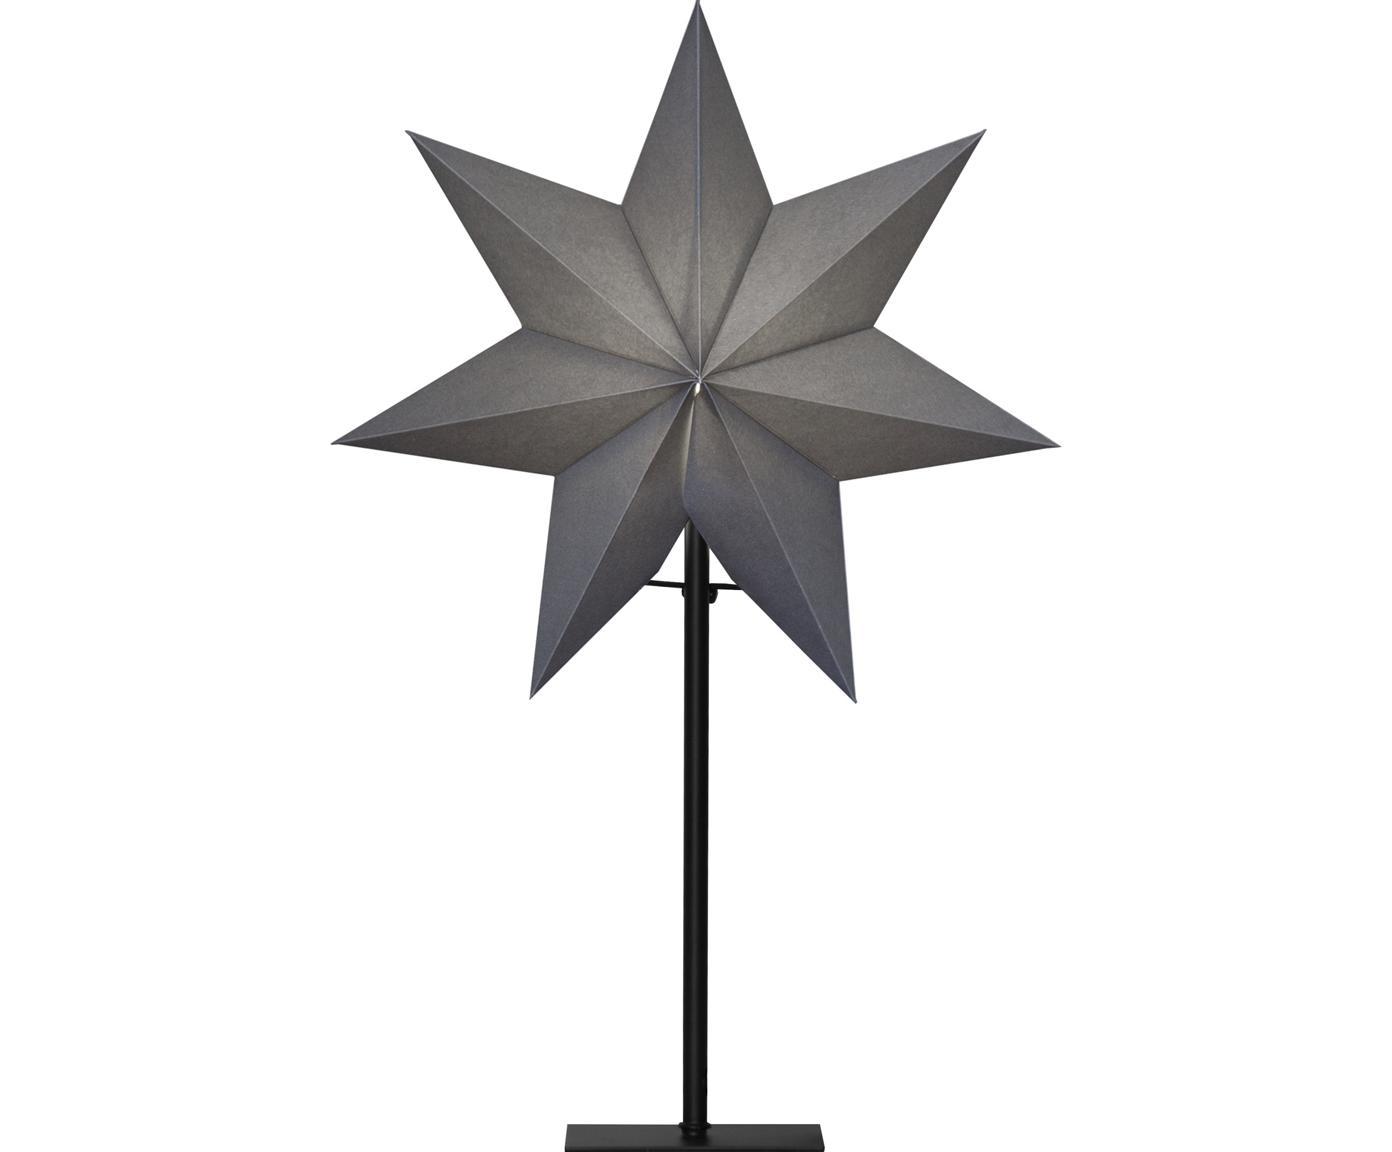 Oggetto luminoso con spina Frozen, Paralume: carta, Base della lampada: metallo rivestito, Grigio, nero, Larg. 34 x Alt. 55 cm